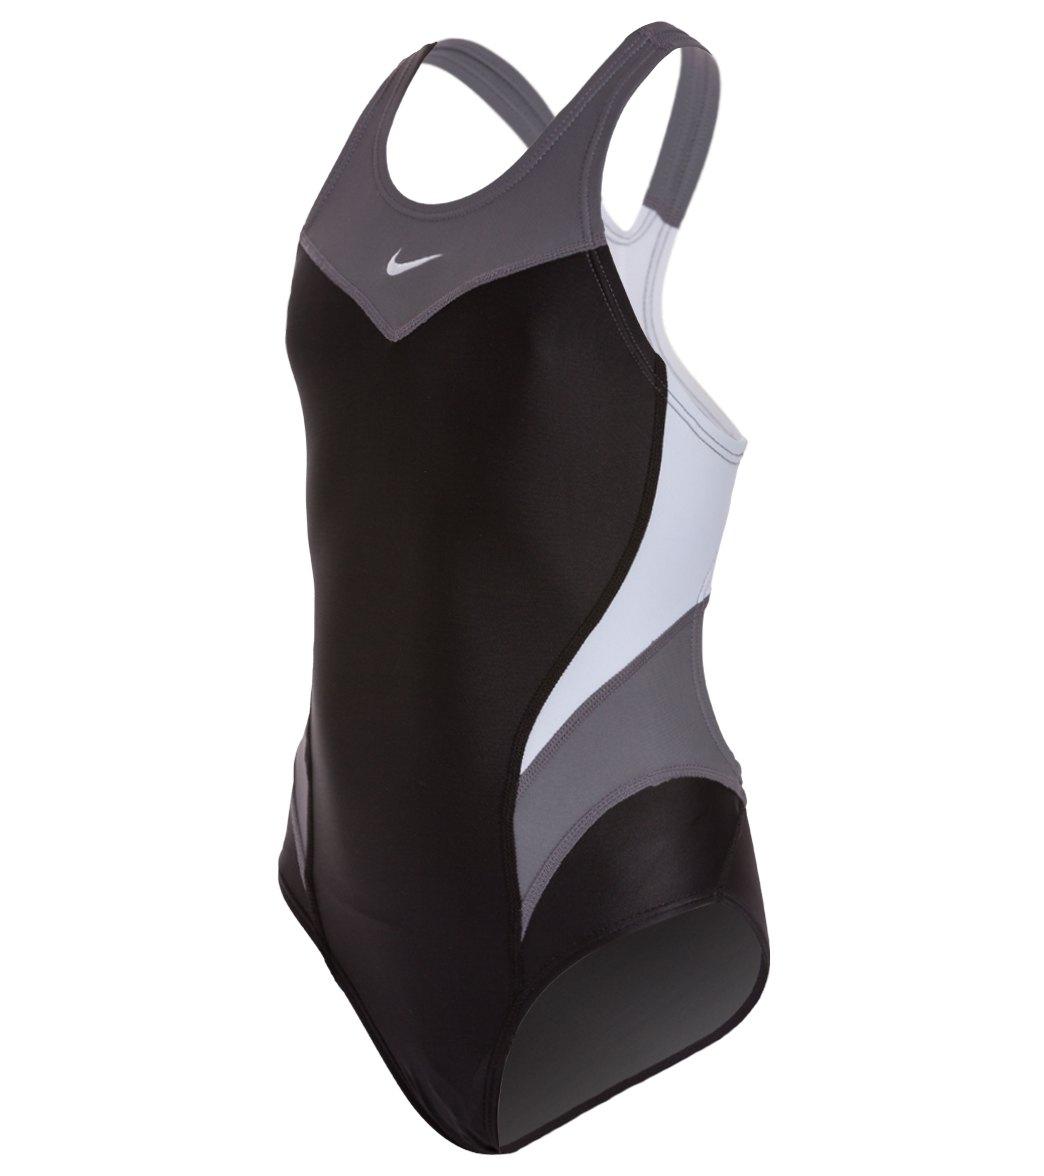 D??mske suit - Nike Victory Color Block Power Back -  : Clothes M99z6536